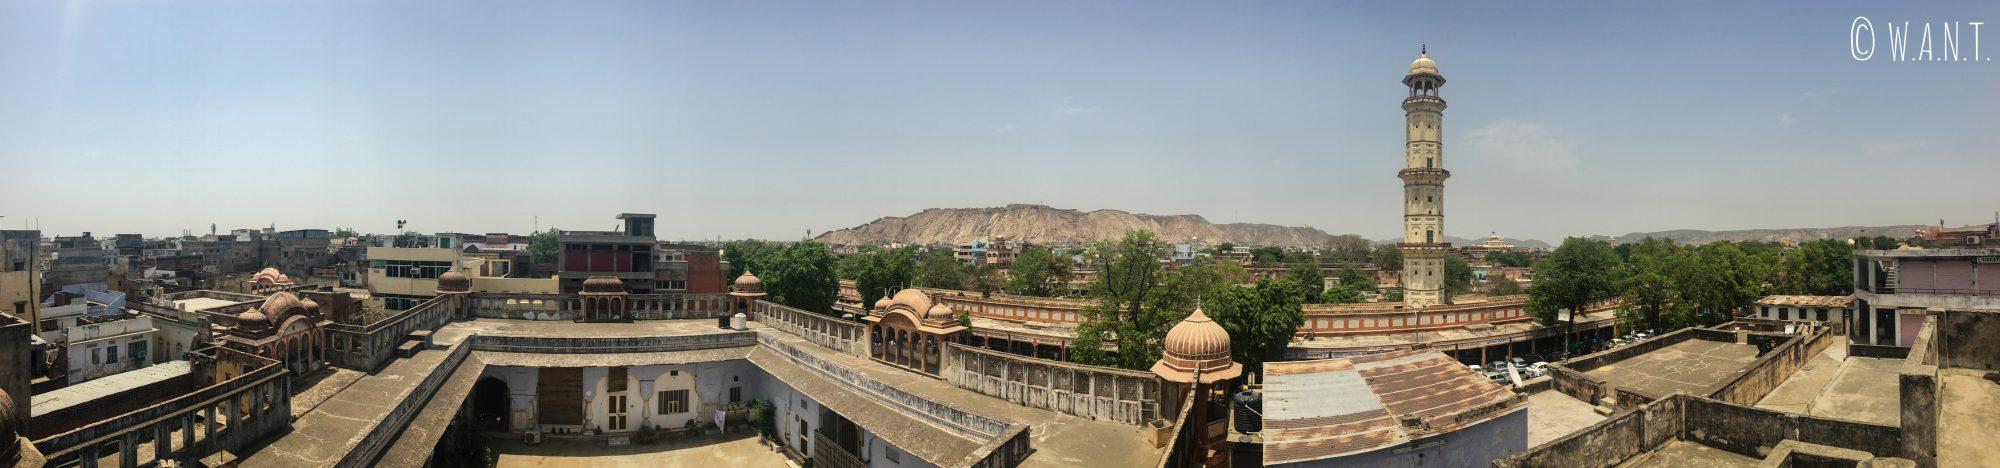 Panorama de la vieille ville de Jaipur avec vue sur le minaret Iswari Minar Swag Sal